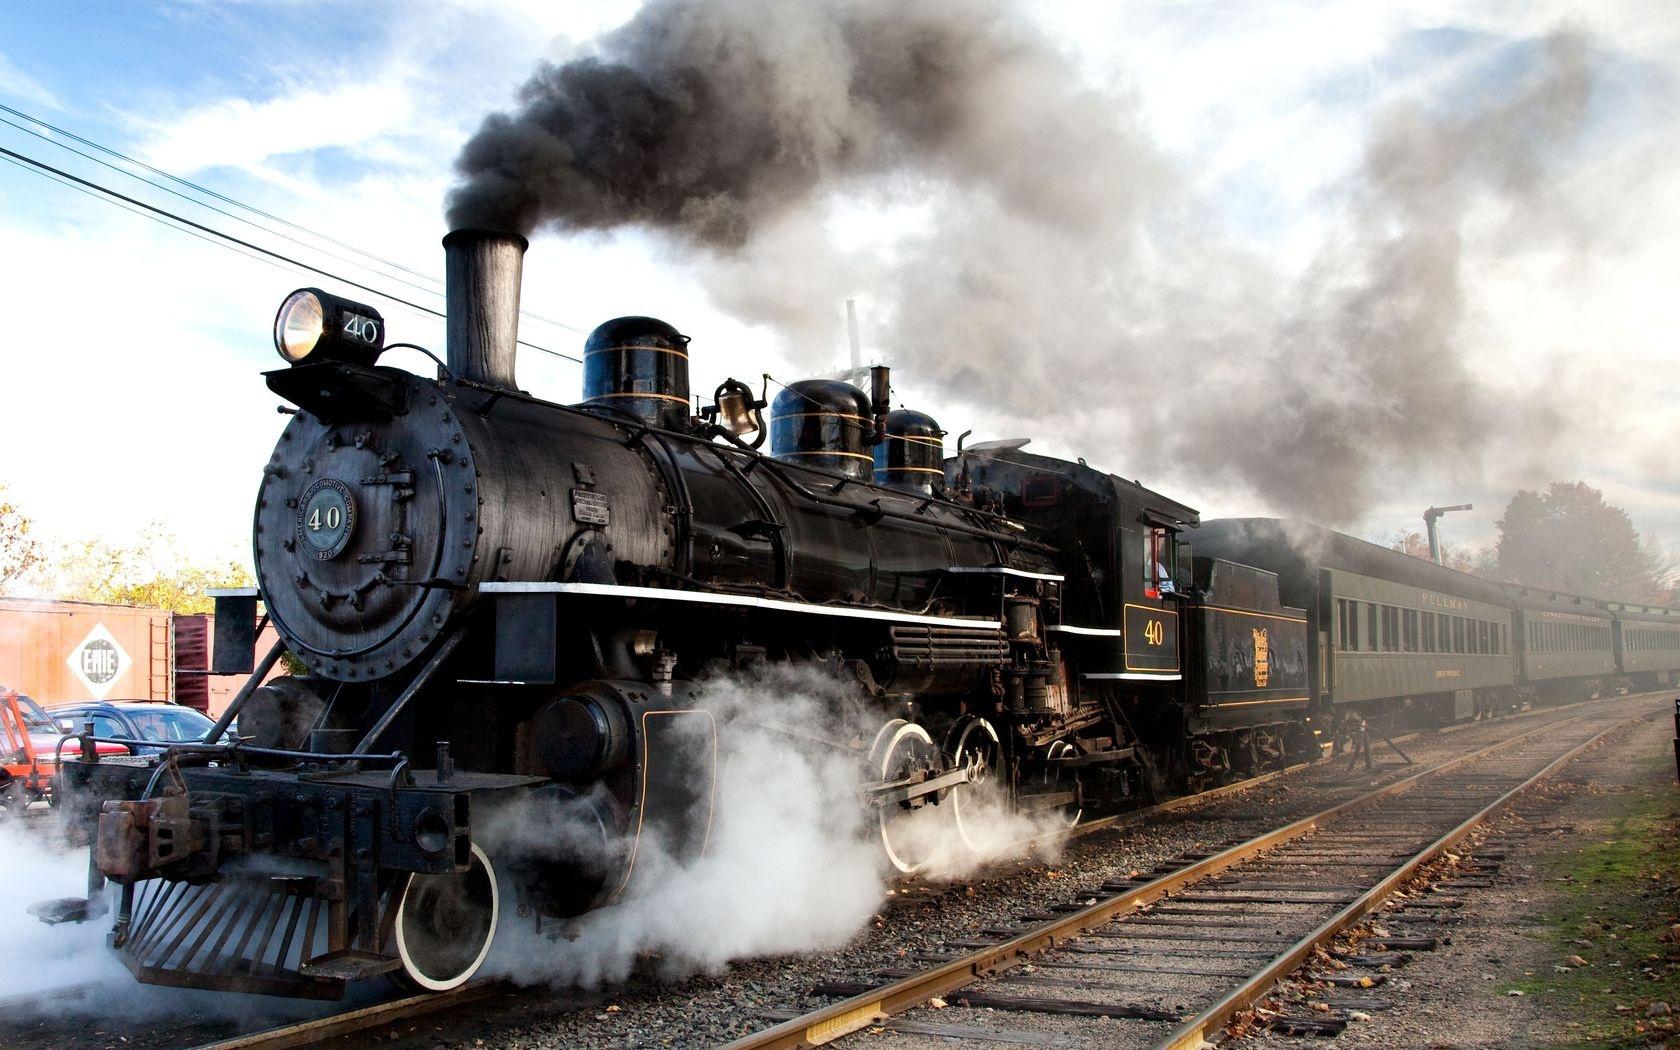 """Стоимость билета на скоростной поезд из Киева в """"Борисполь"""" составит 80 грн, - Кравцов - Цензор.НЕТ 9268"""